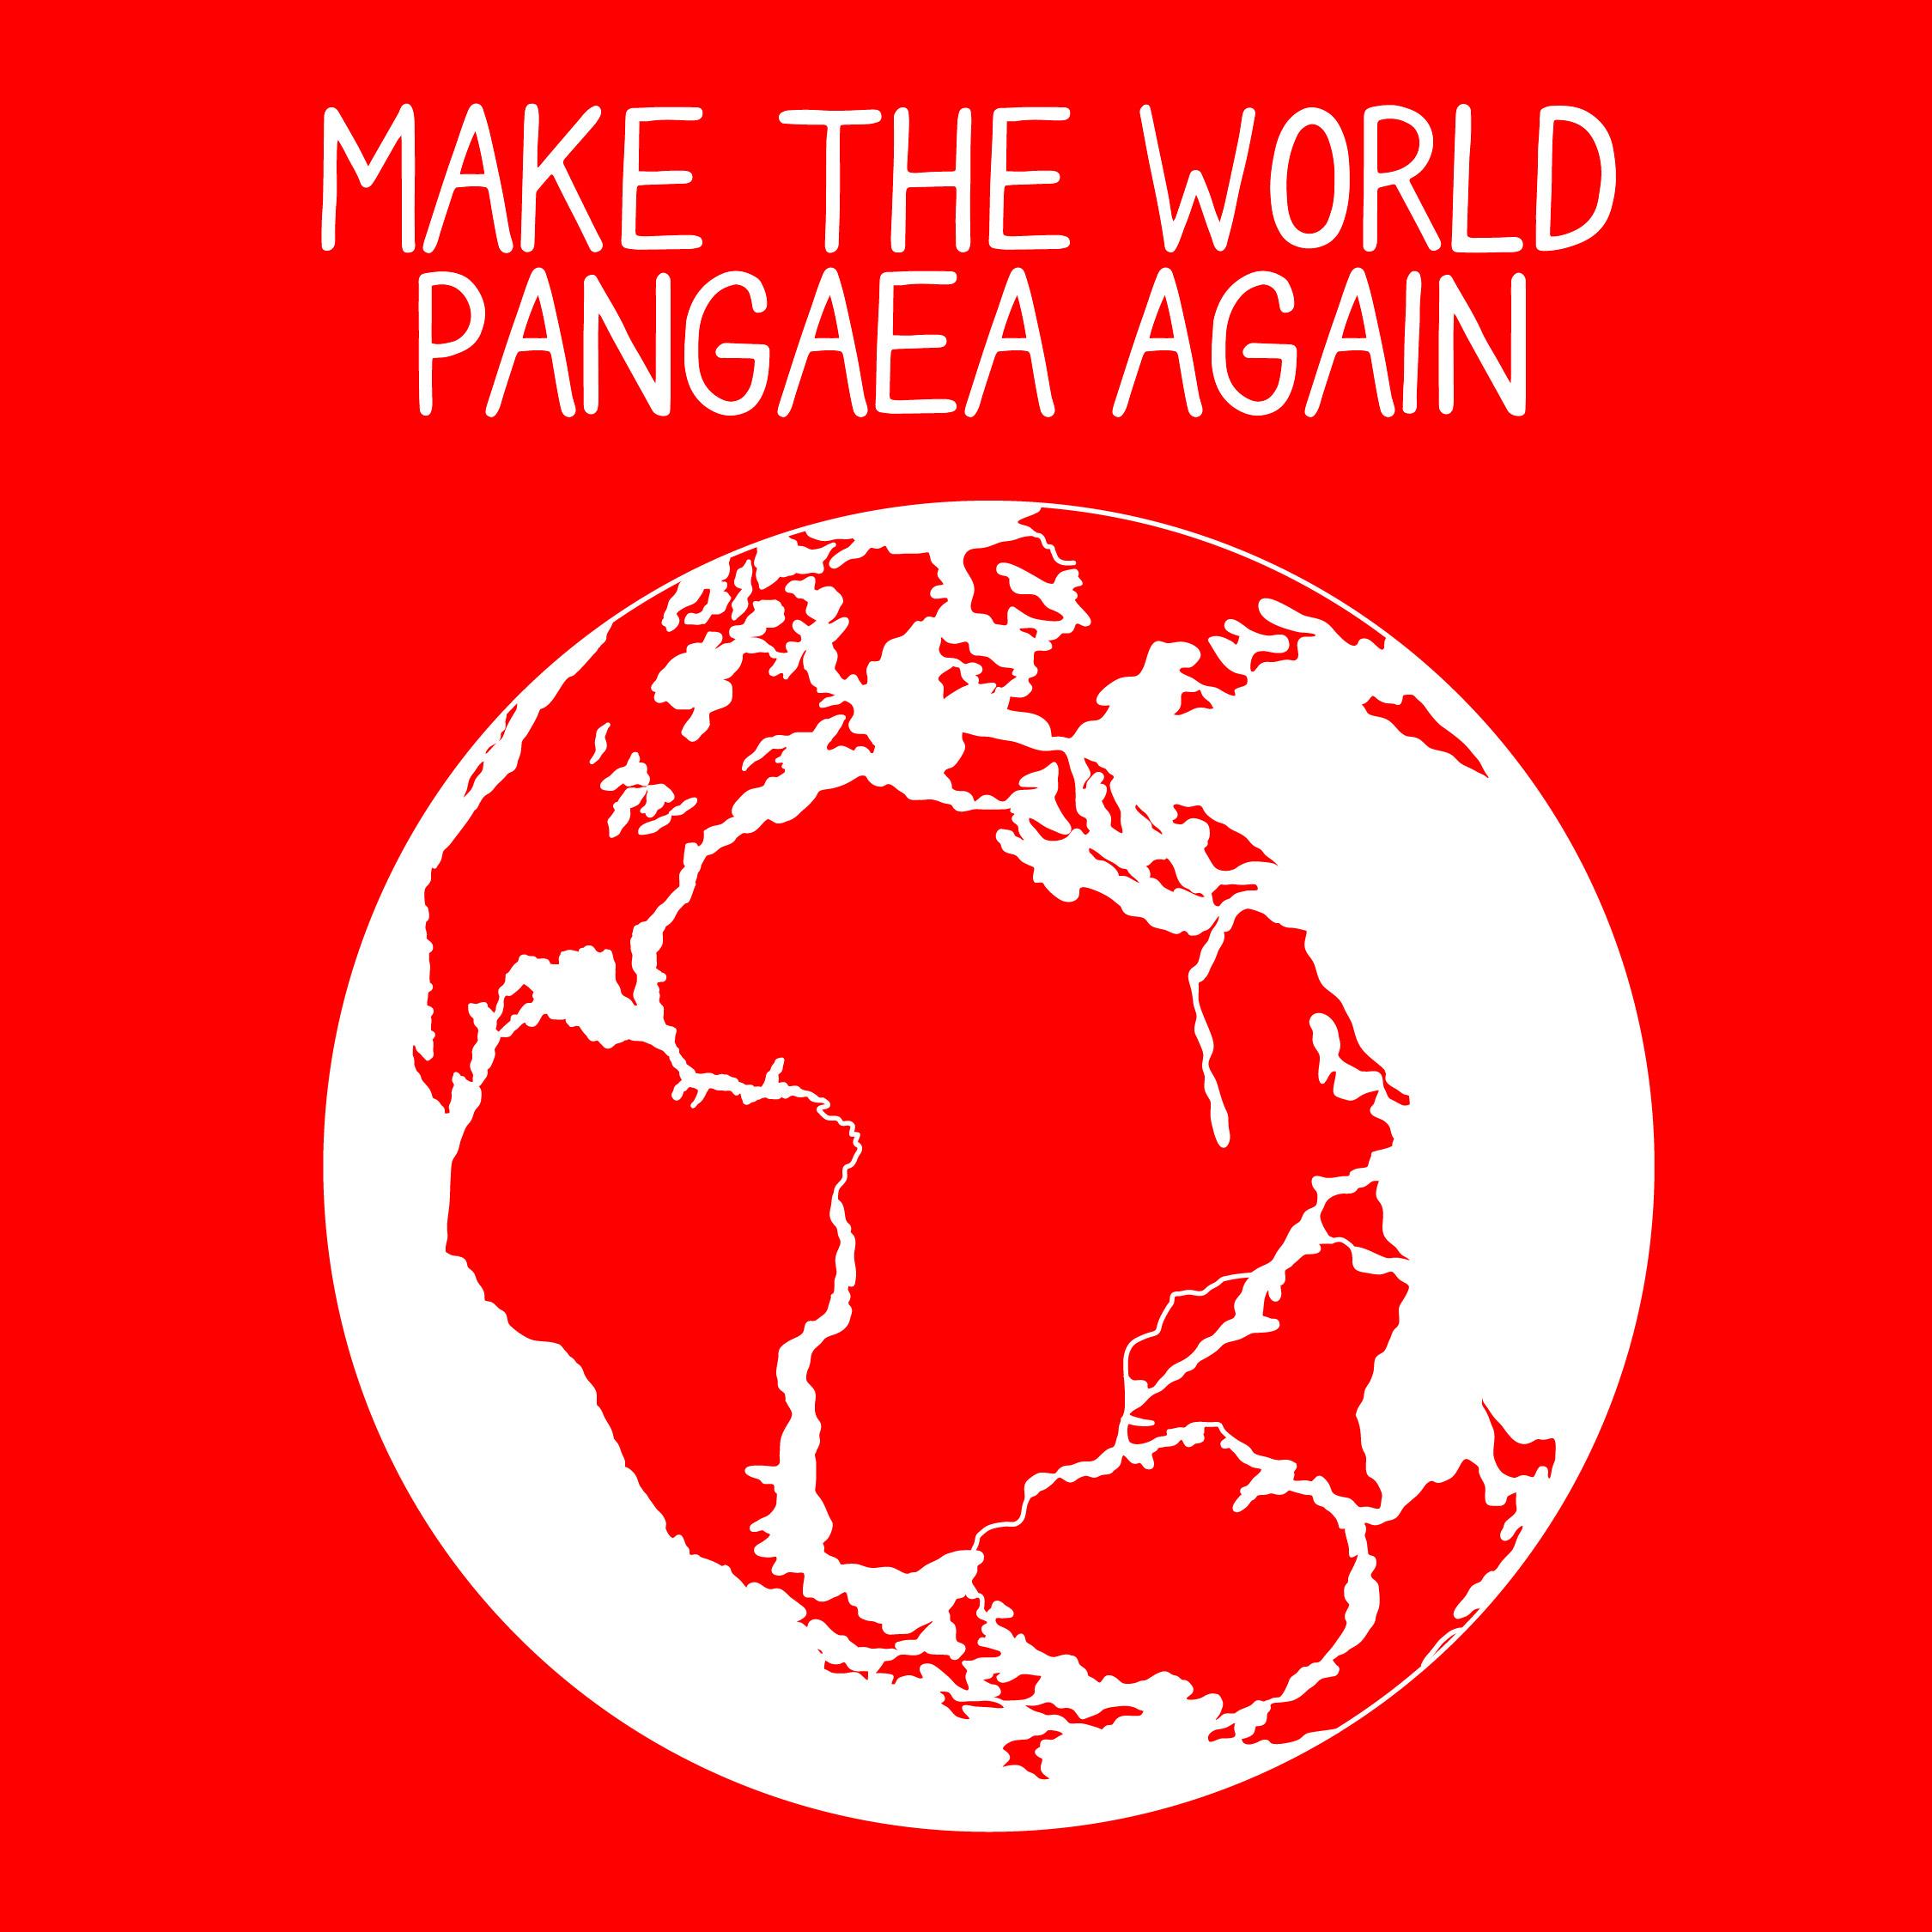 pangea-01.jpg